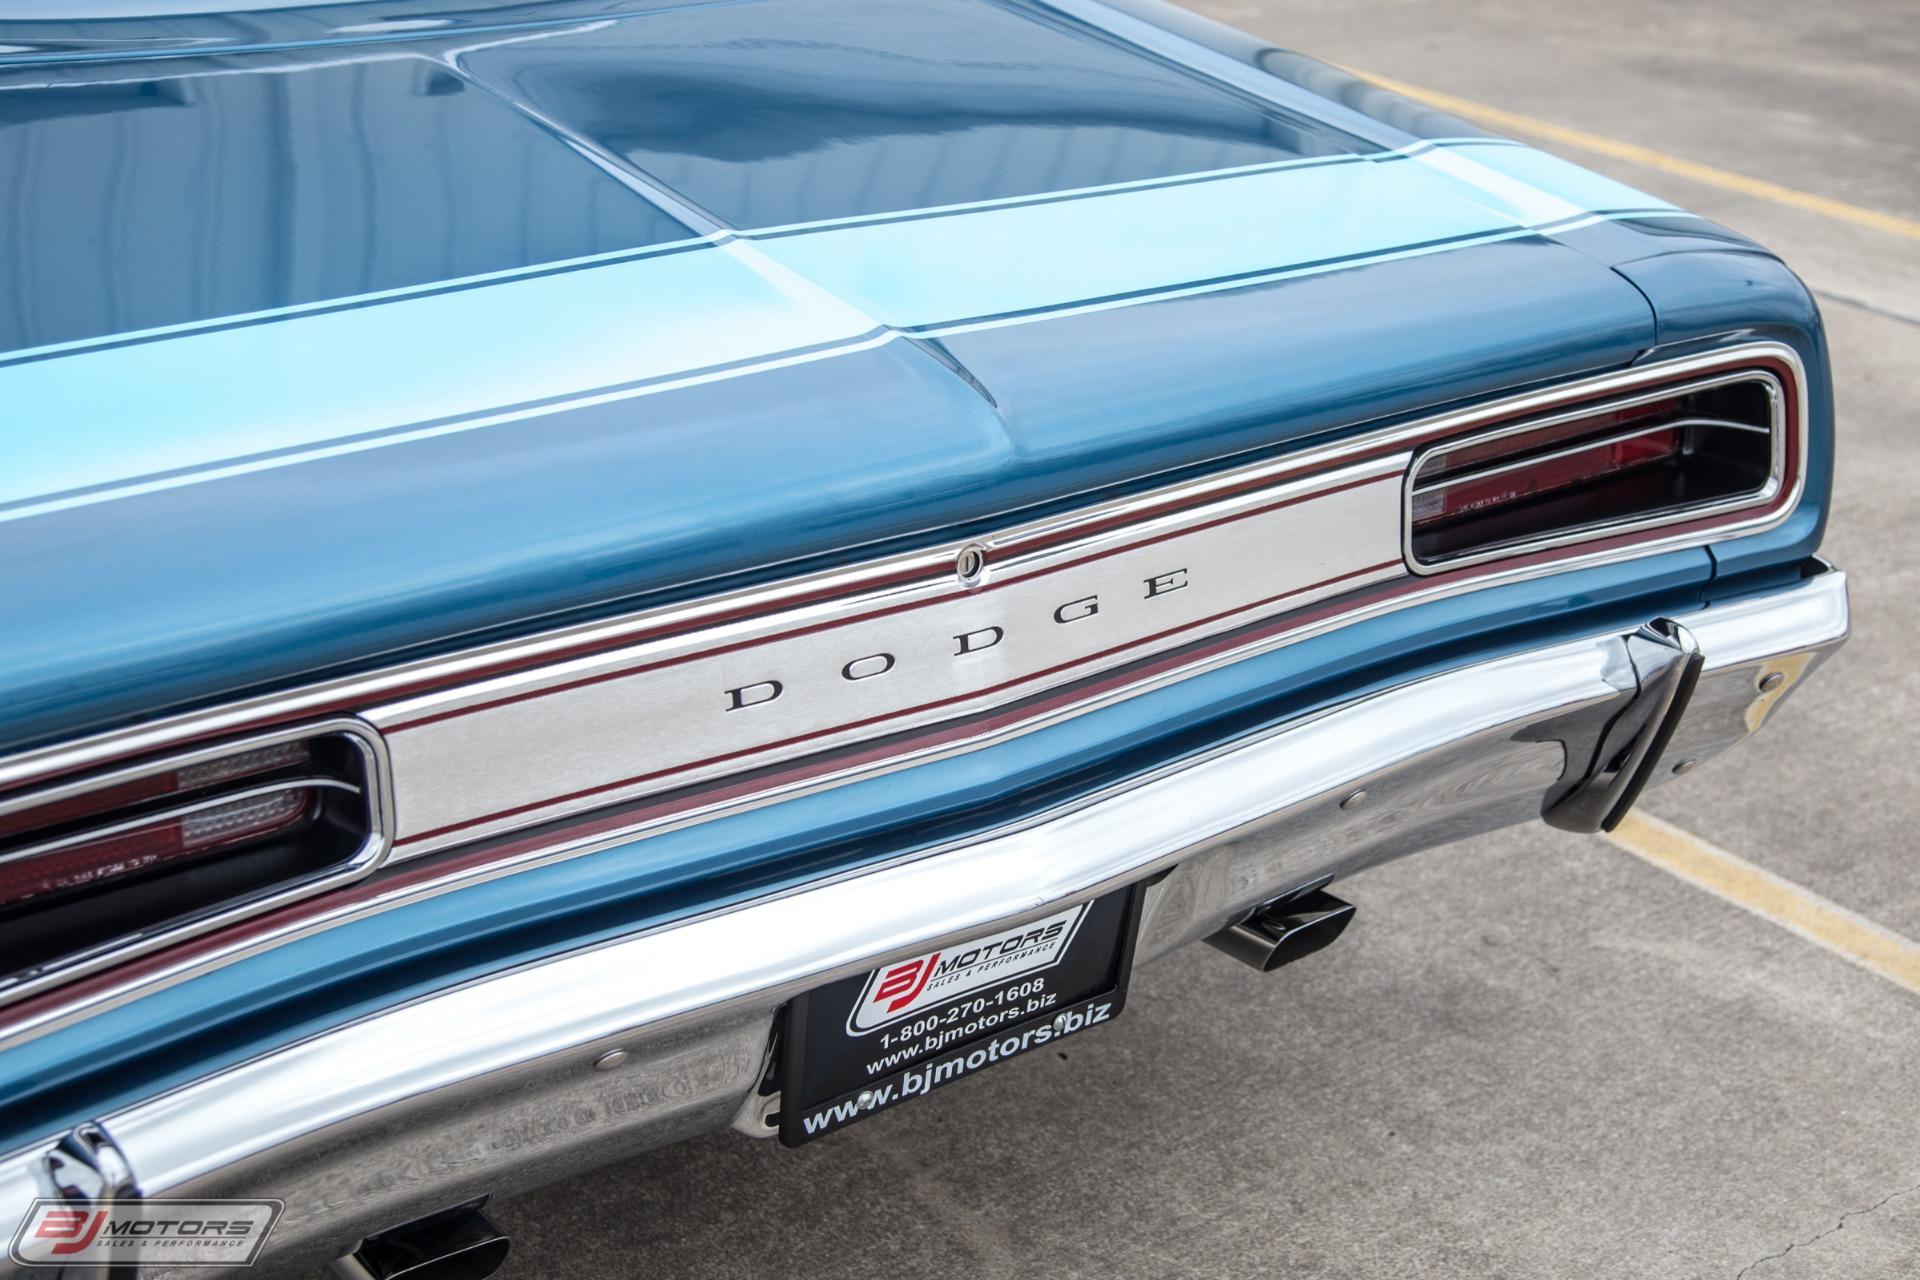 Used-1970-Dodge-Coronet-Super-Bee-4-speed